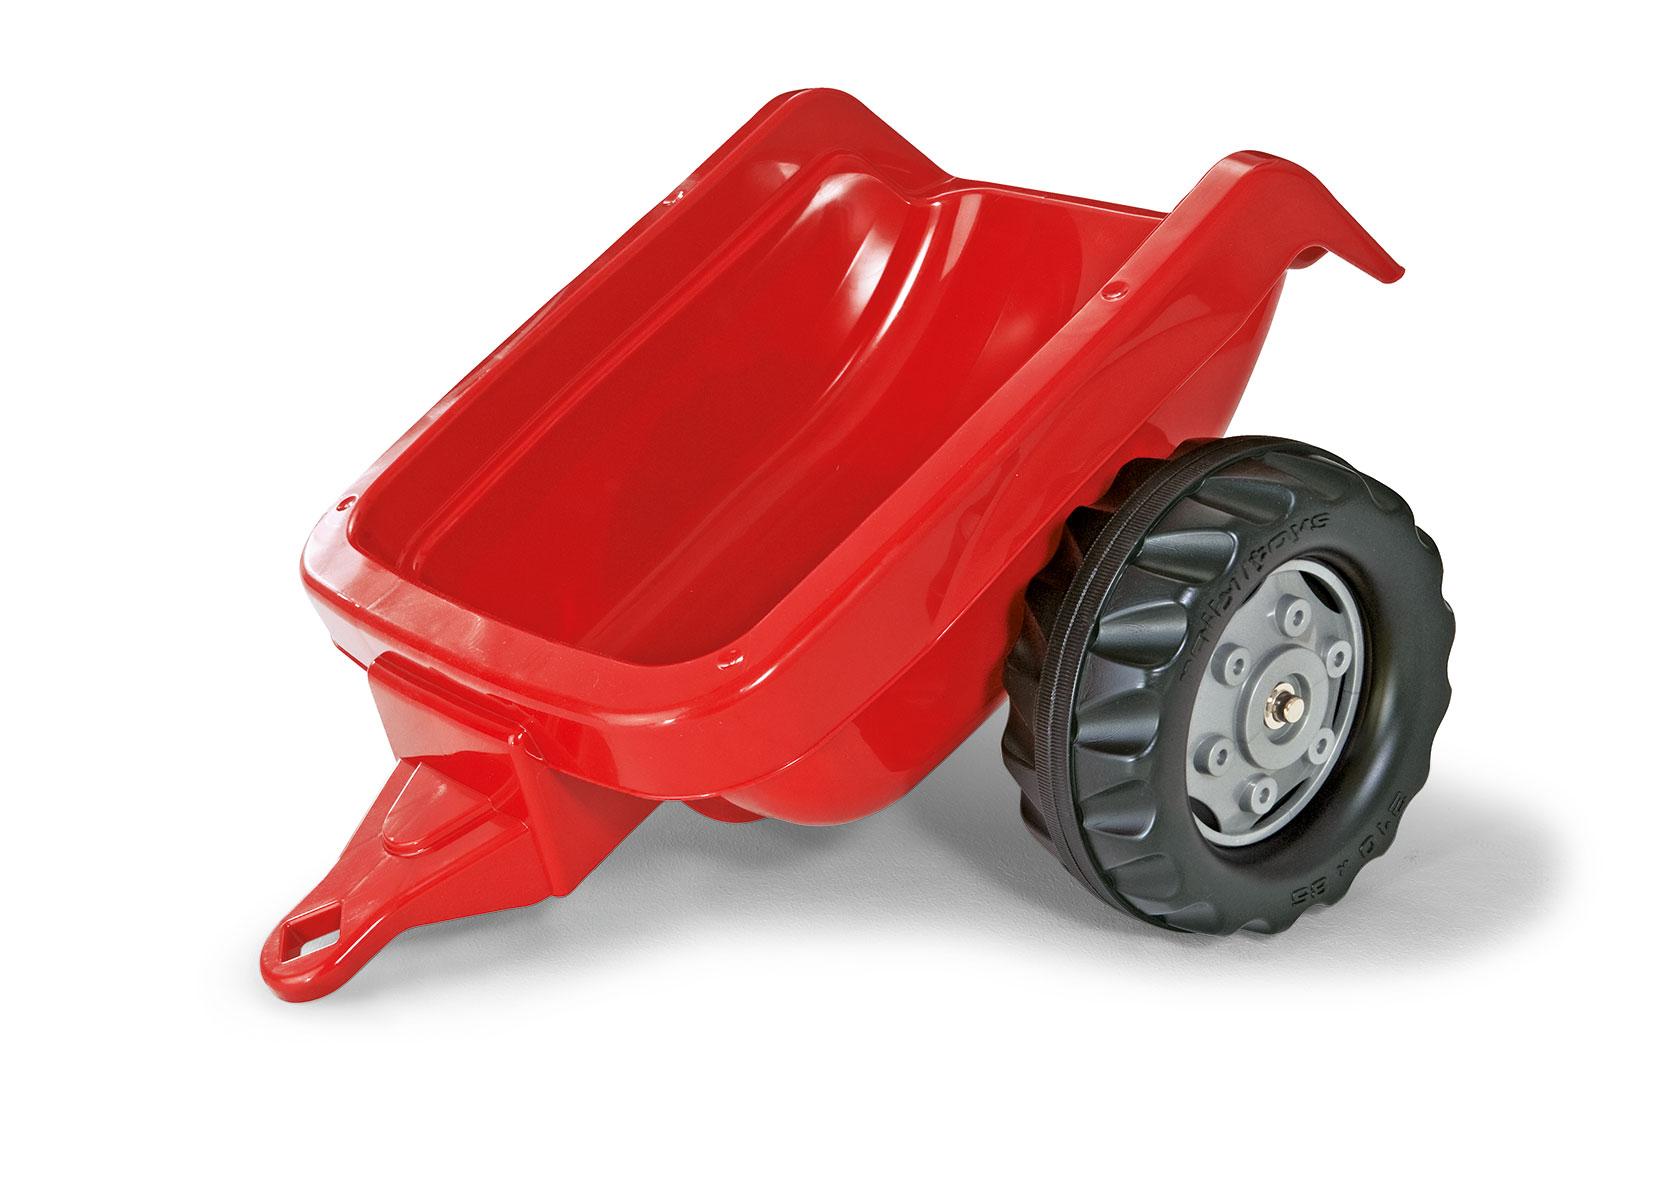 Anhänger für Trefahrzeug rolly Kid Trailer rot - Rolly Toys Bild 1